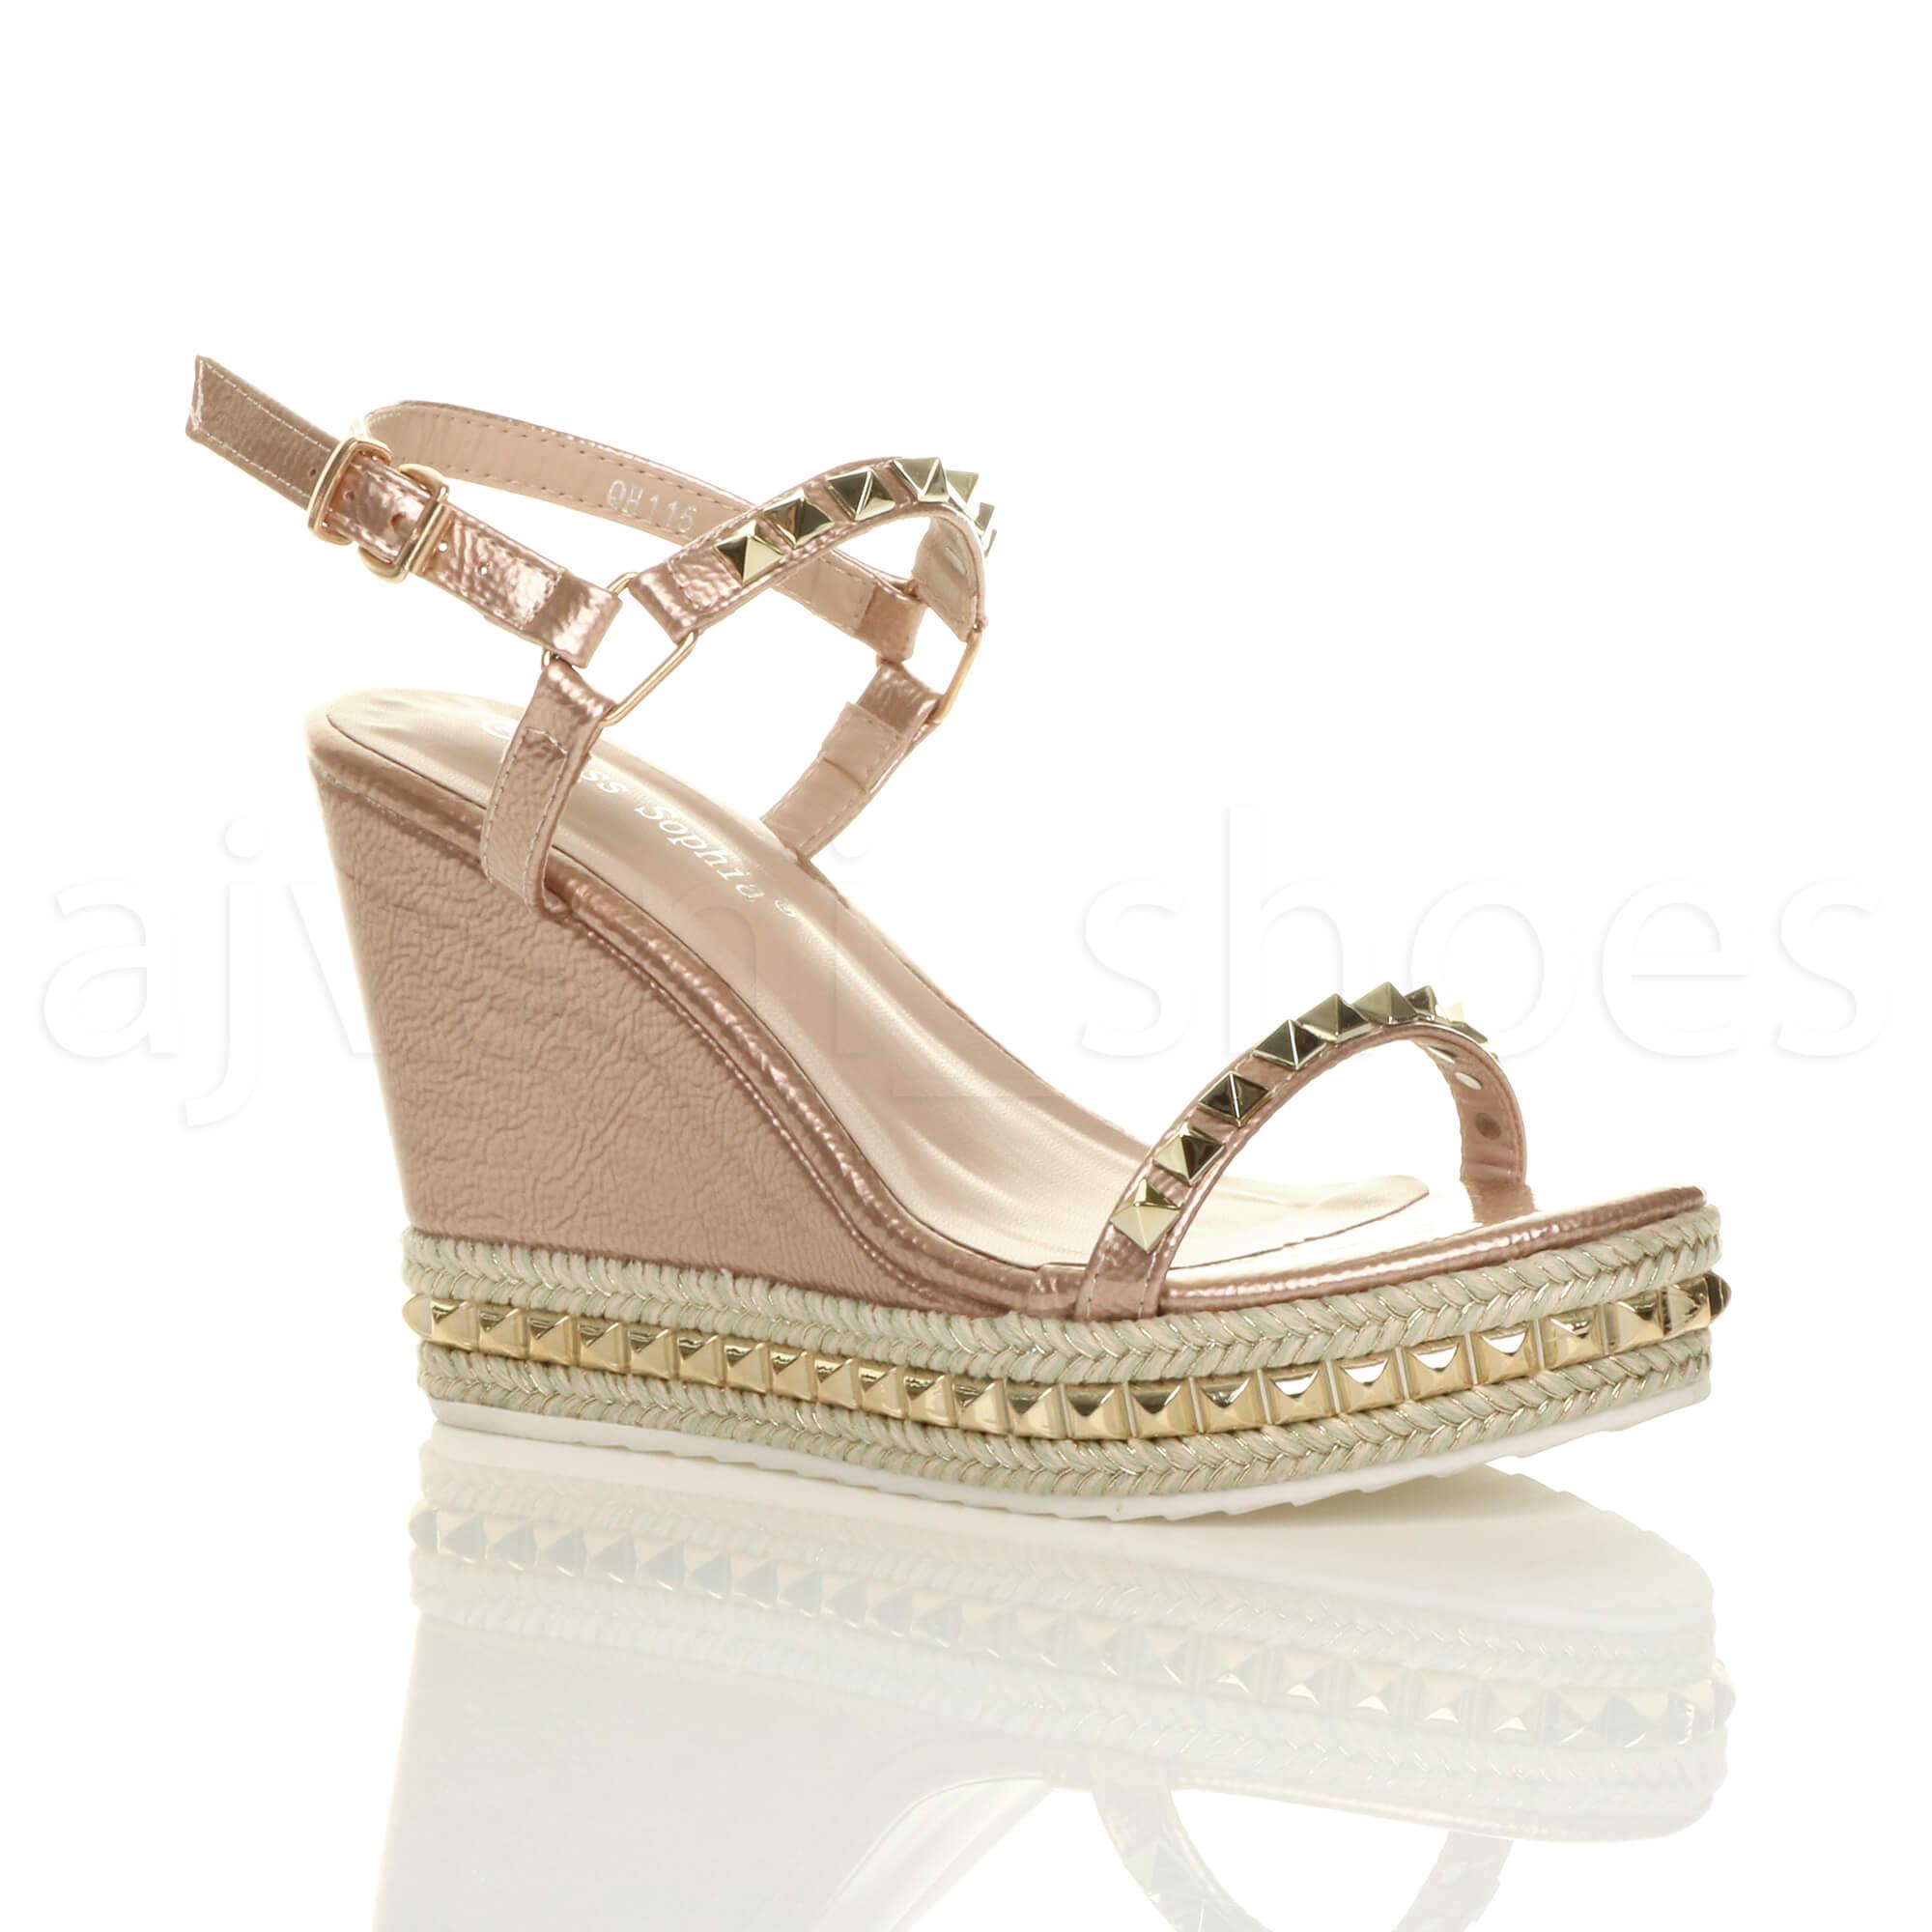 sale retailer 2b282 108c9 Talon taille 37 clouté 5056073937854 espadrilles 4 sandales compensé  plateforme femme SzMpUV